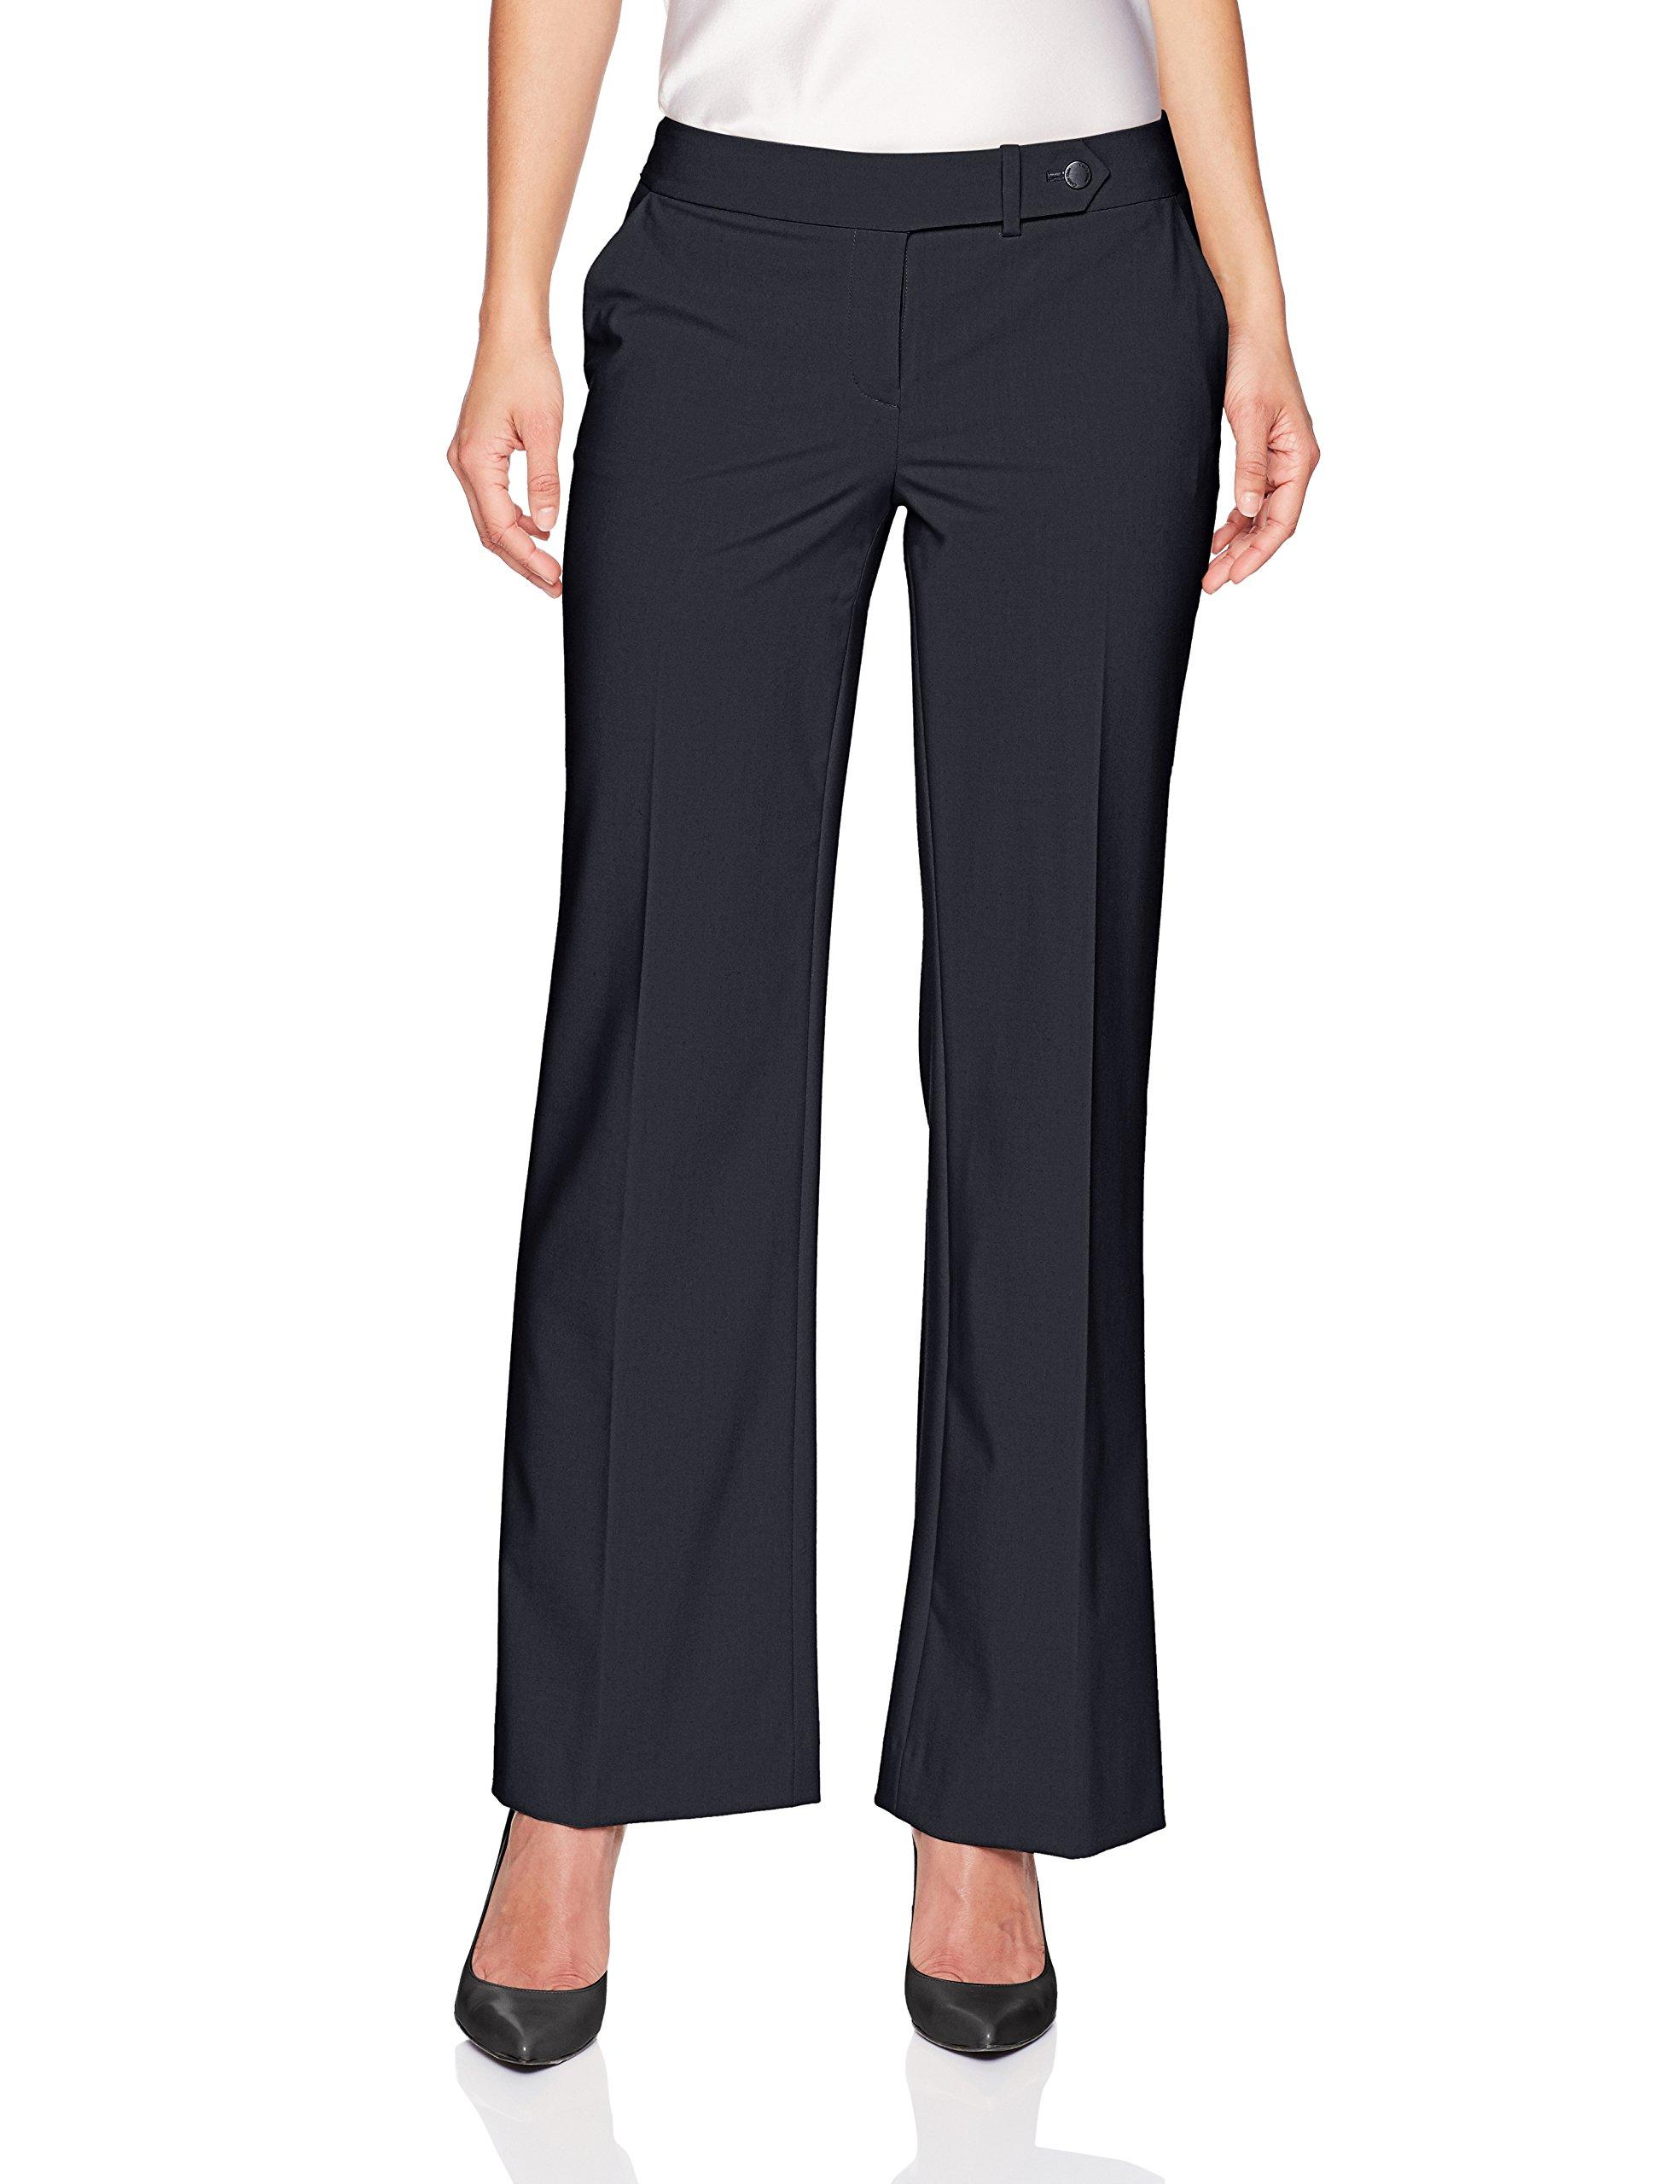 Calvin Klein Women's Petite Classic Fit Lux Pant, Navy, 12P